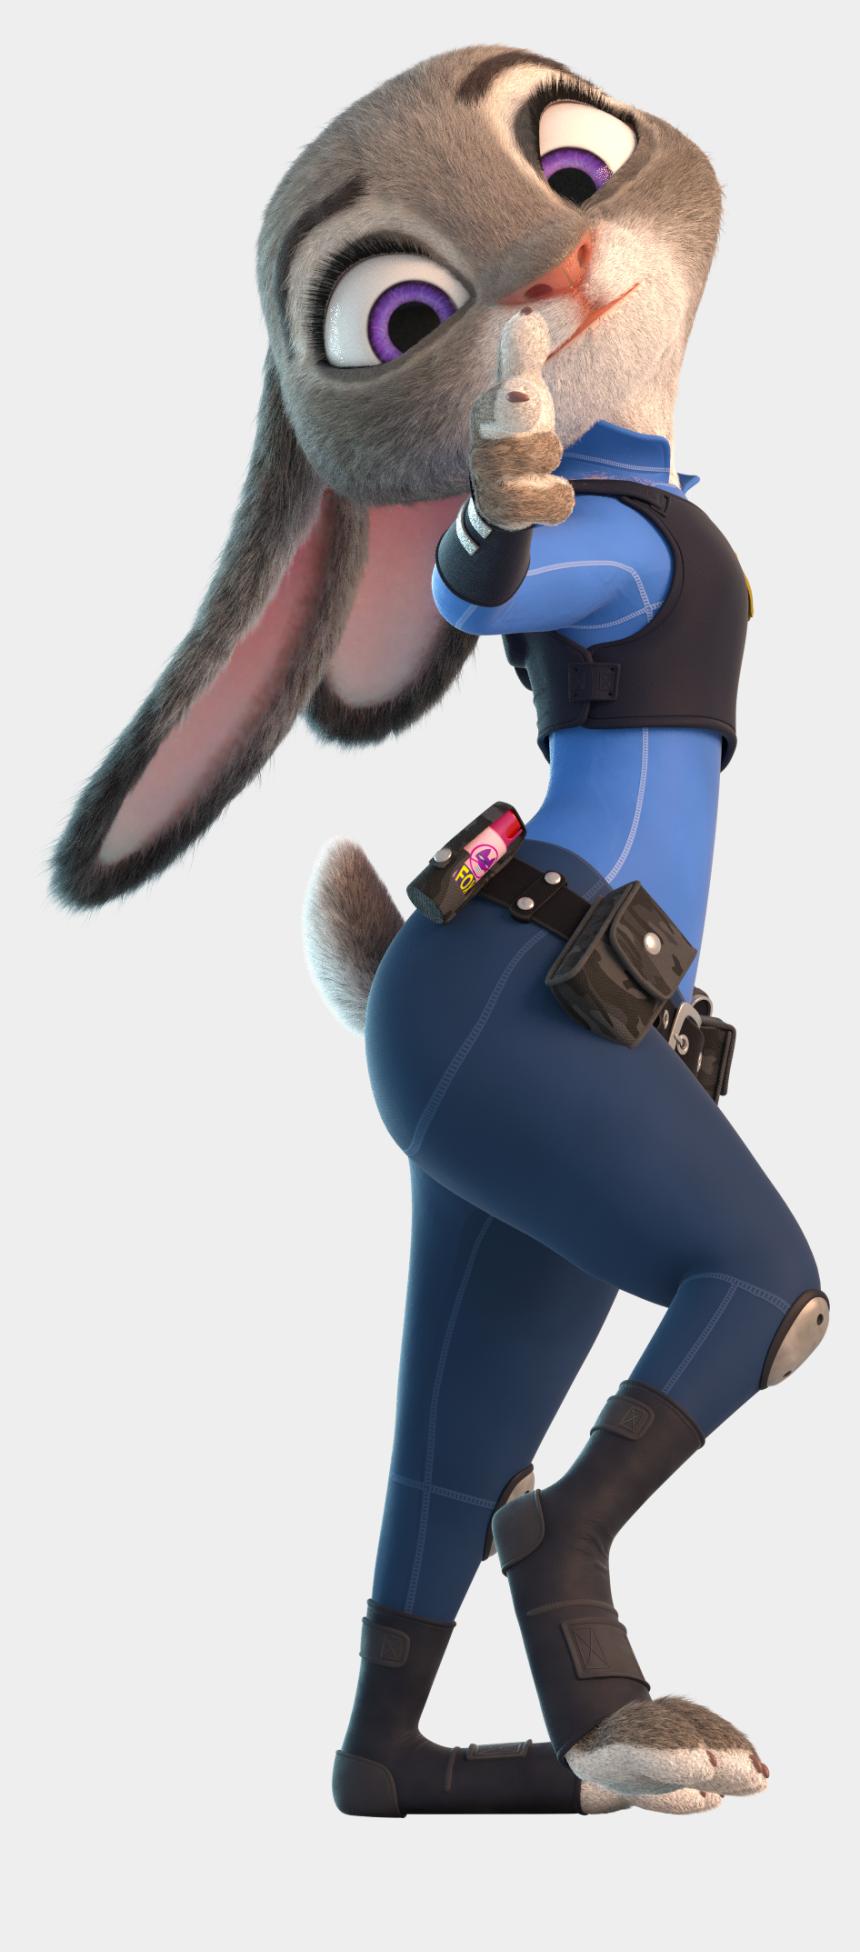 zootopia clipart, Cartoons - Zootopia Judy Hopps Sexy - Officer Judy Hopps